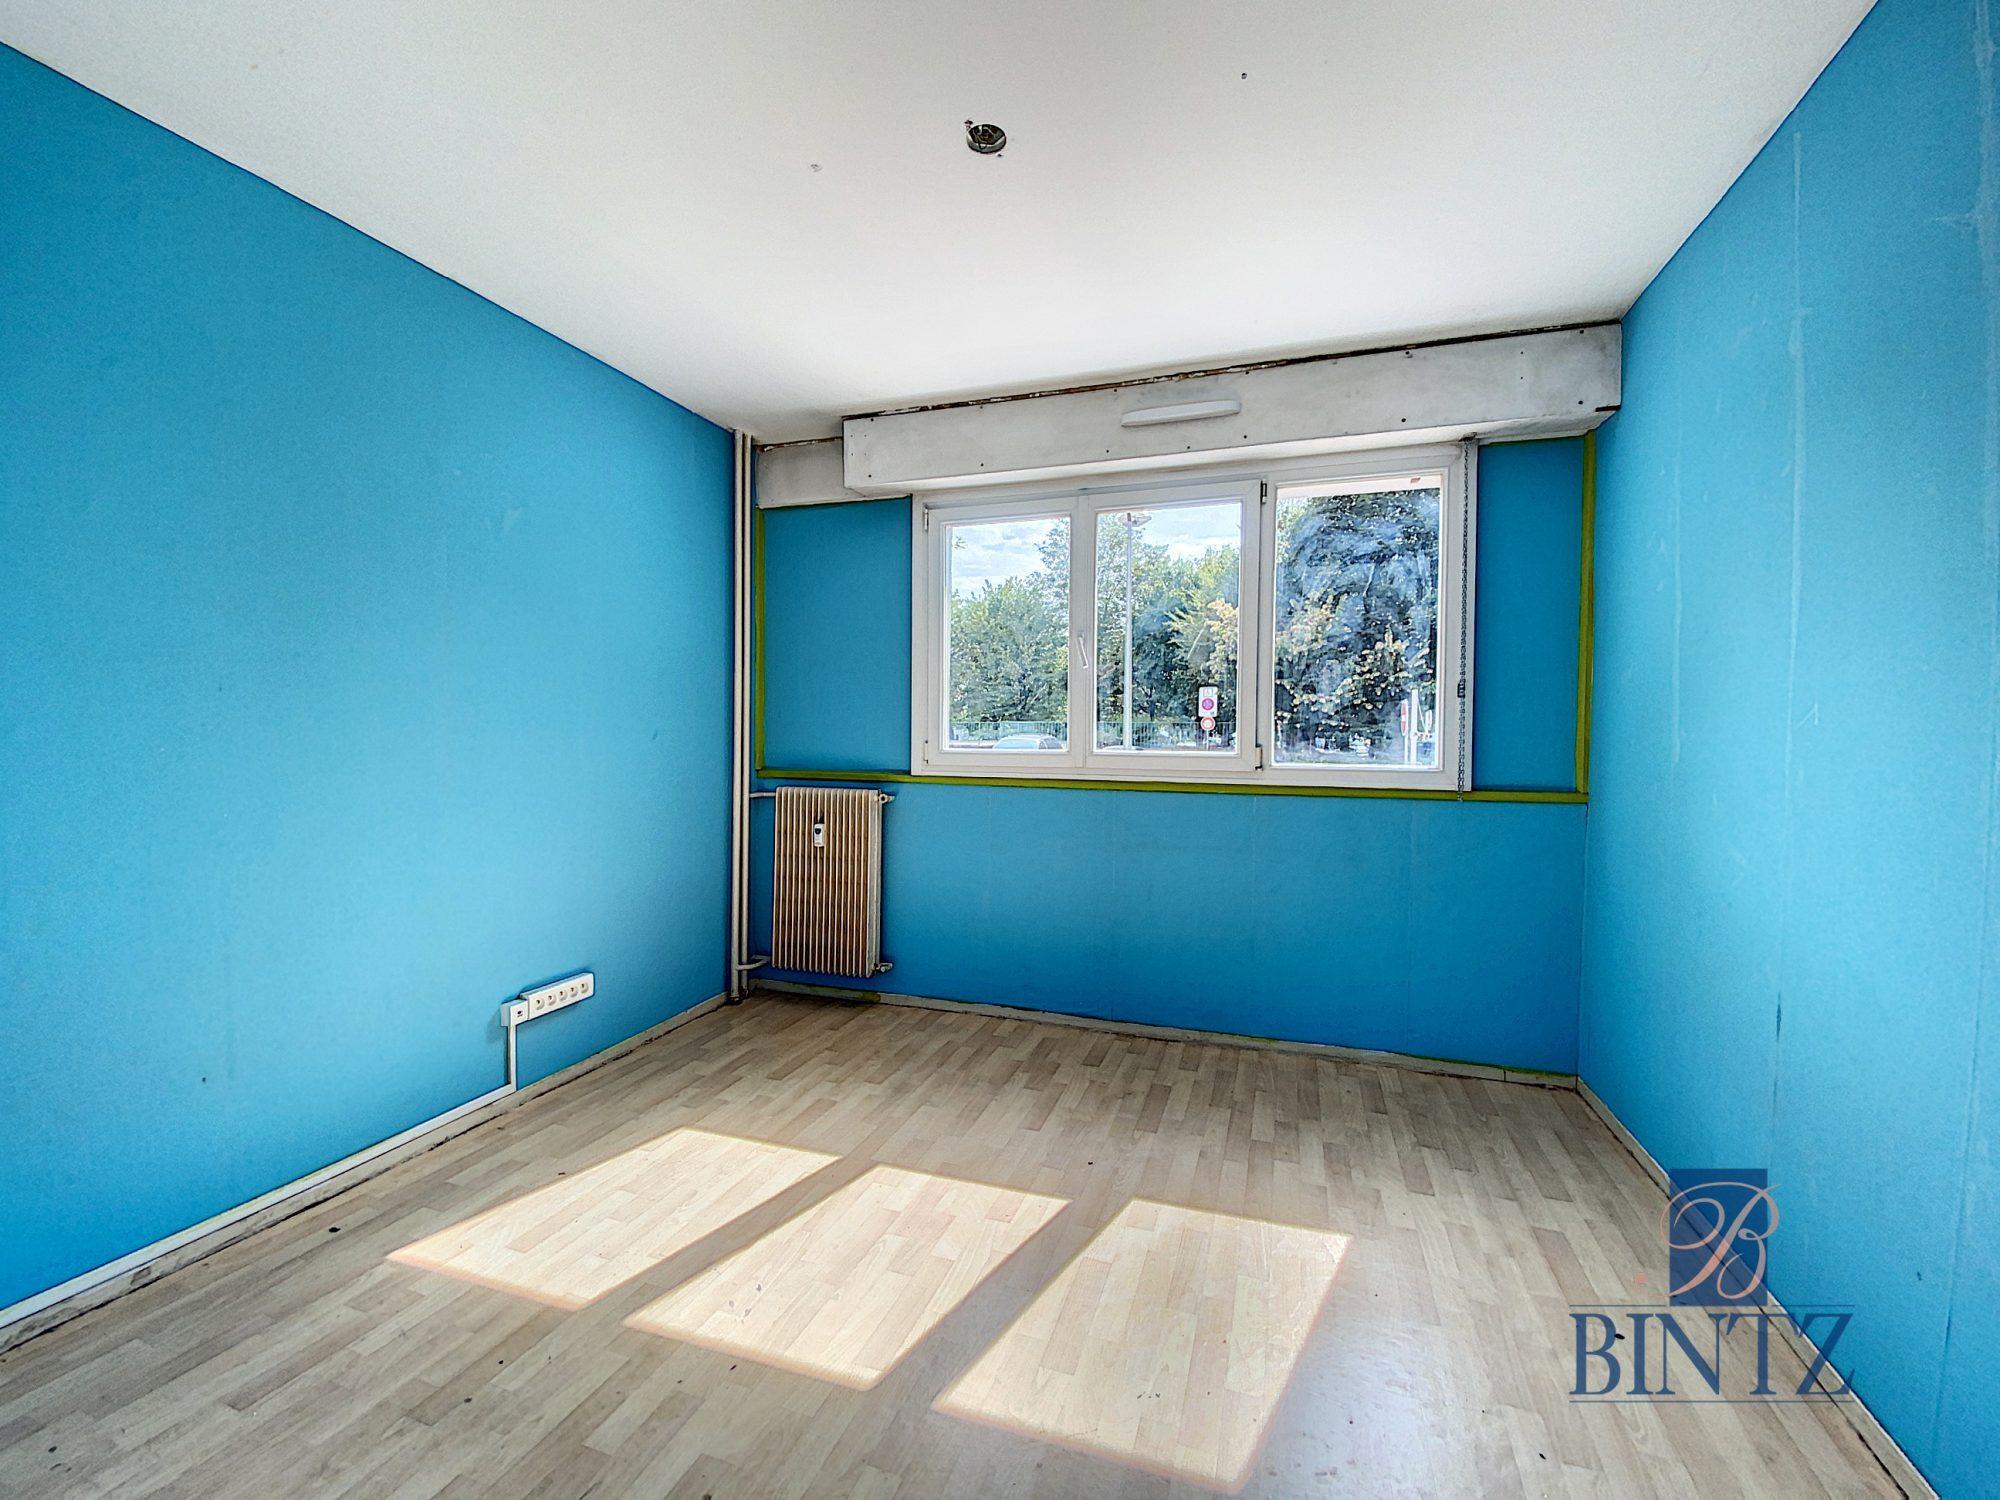 Boulevard la Fontaine Appartement 3 pièces + garage fermé - Devenez propriétaire en toute confiance - Bintz Immobilier - 4